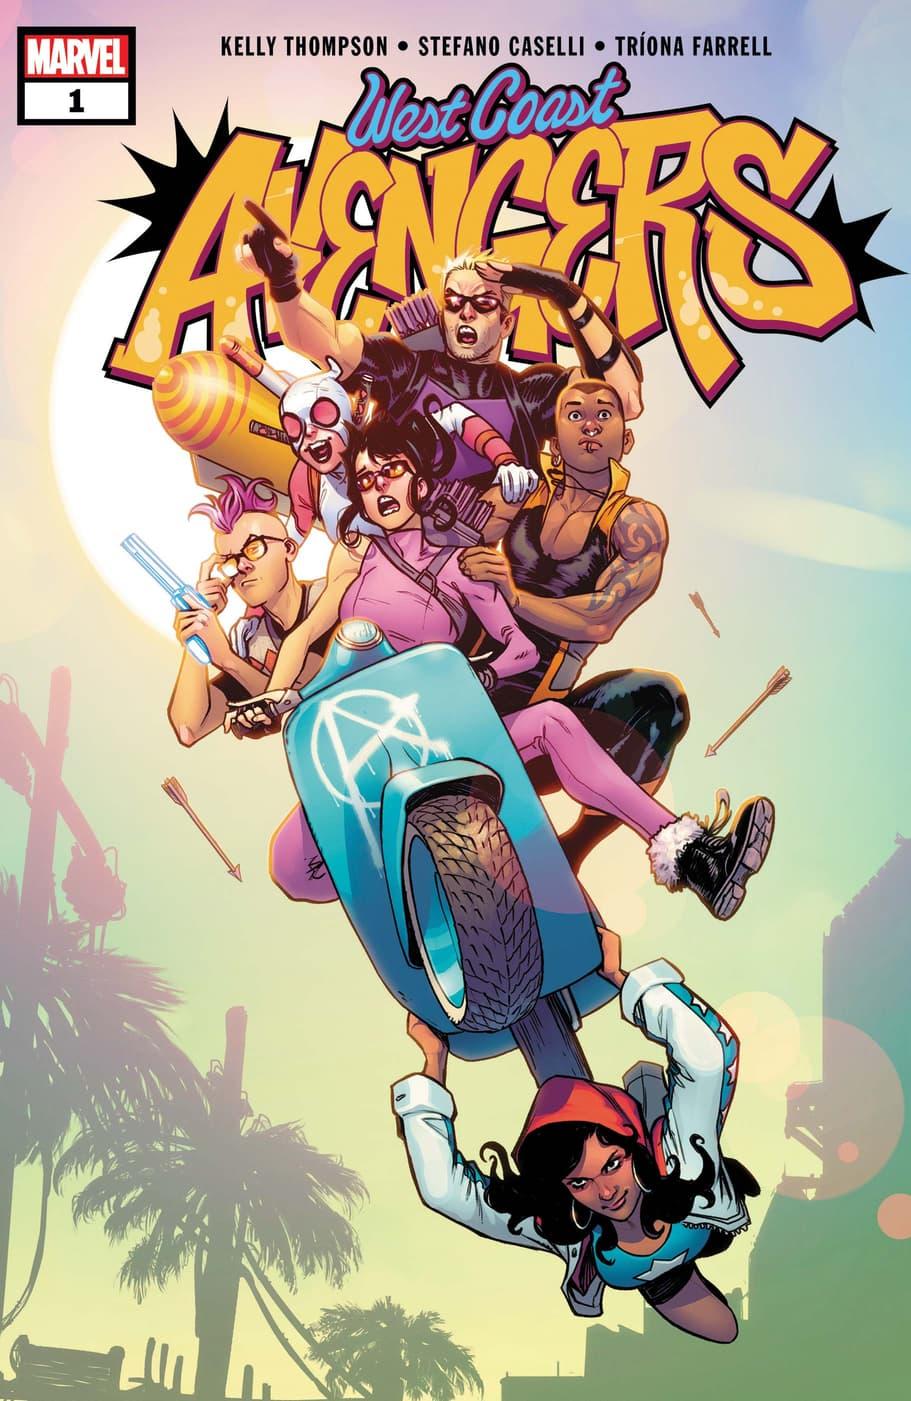 West Coast Avengers (2018) #1